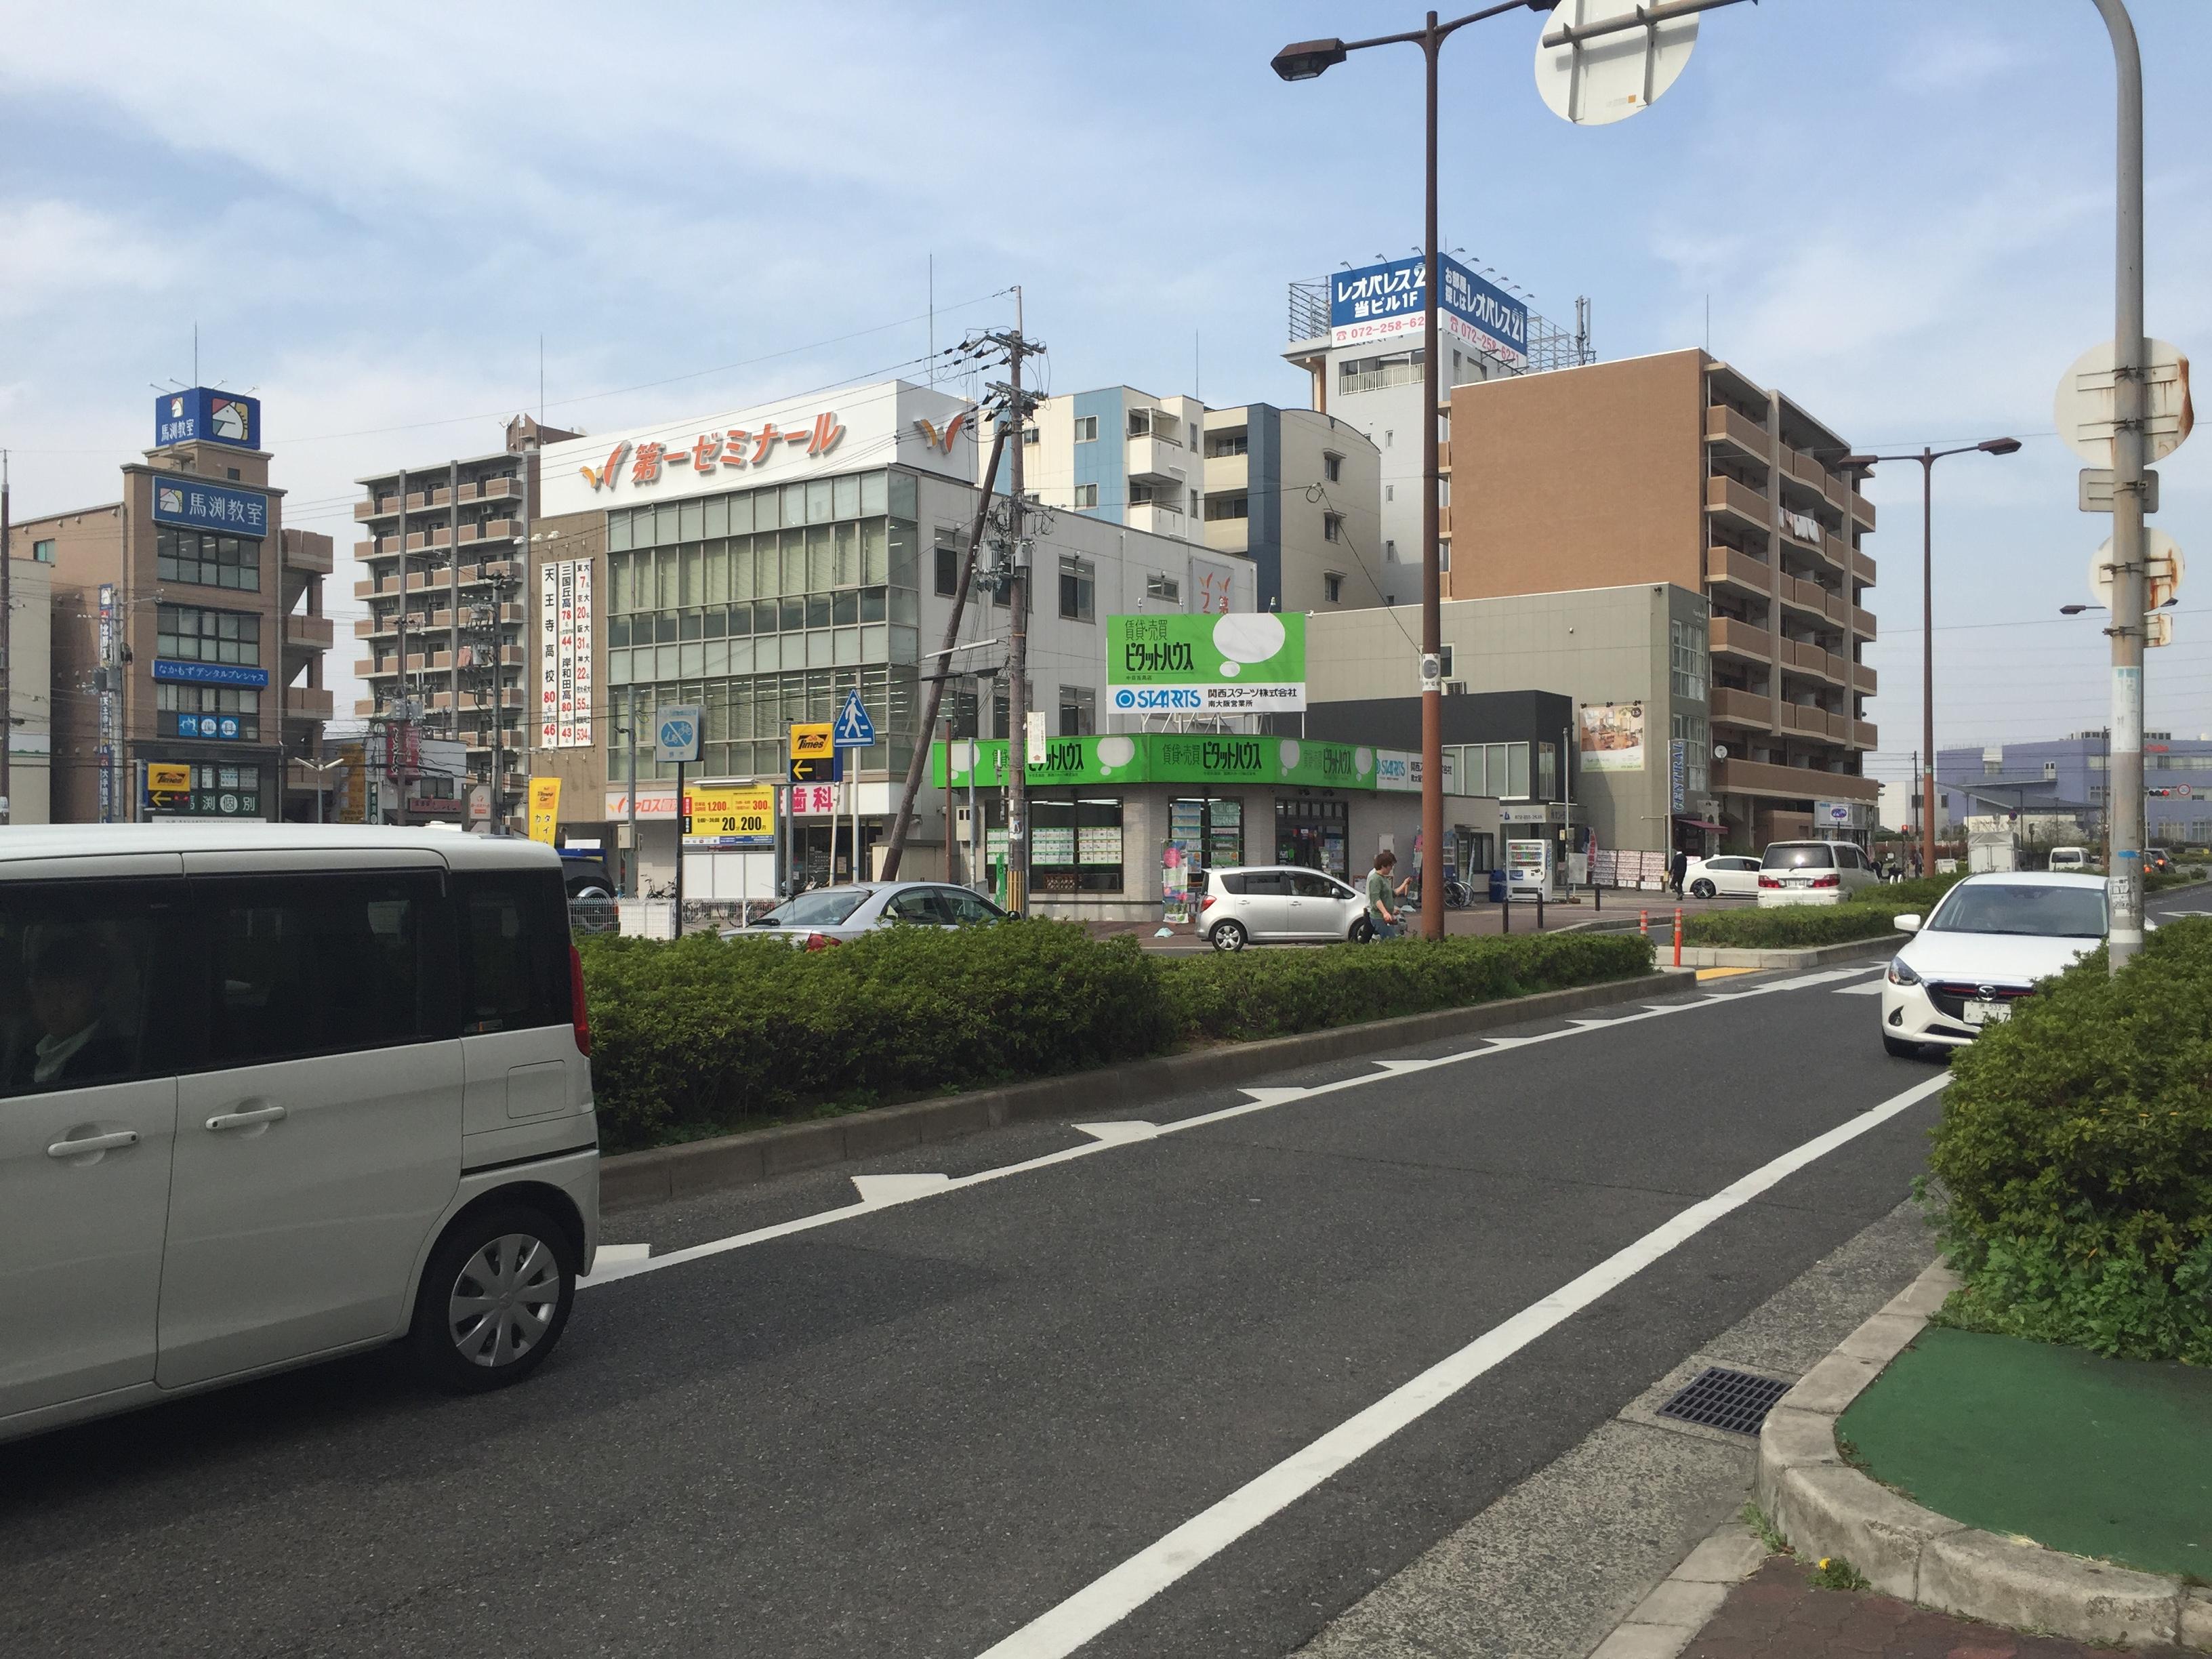 関西アーバン銀行の角を過ぎたところ